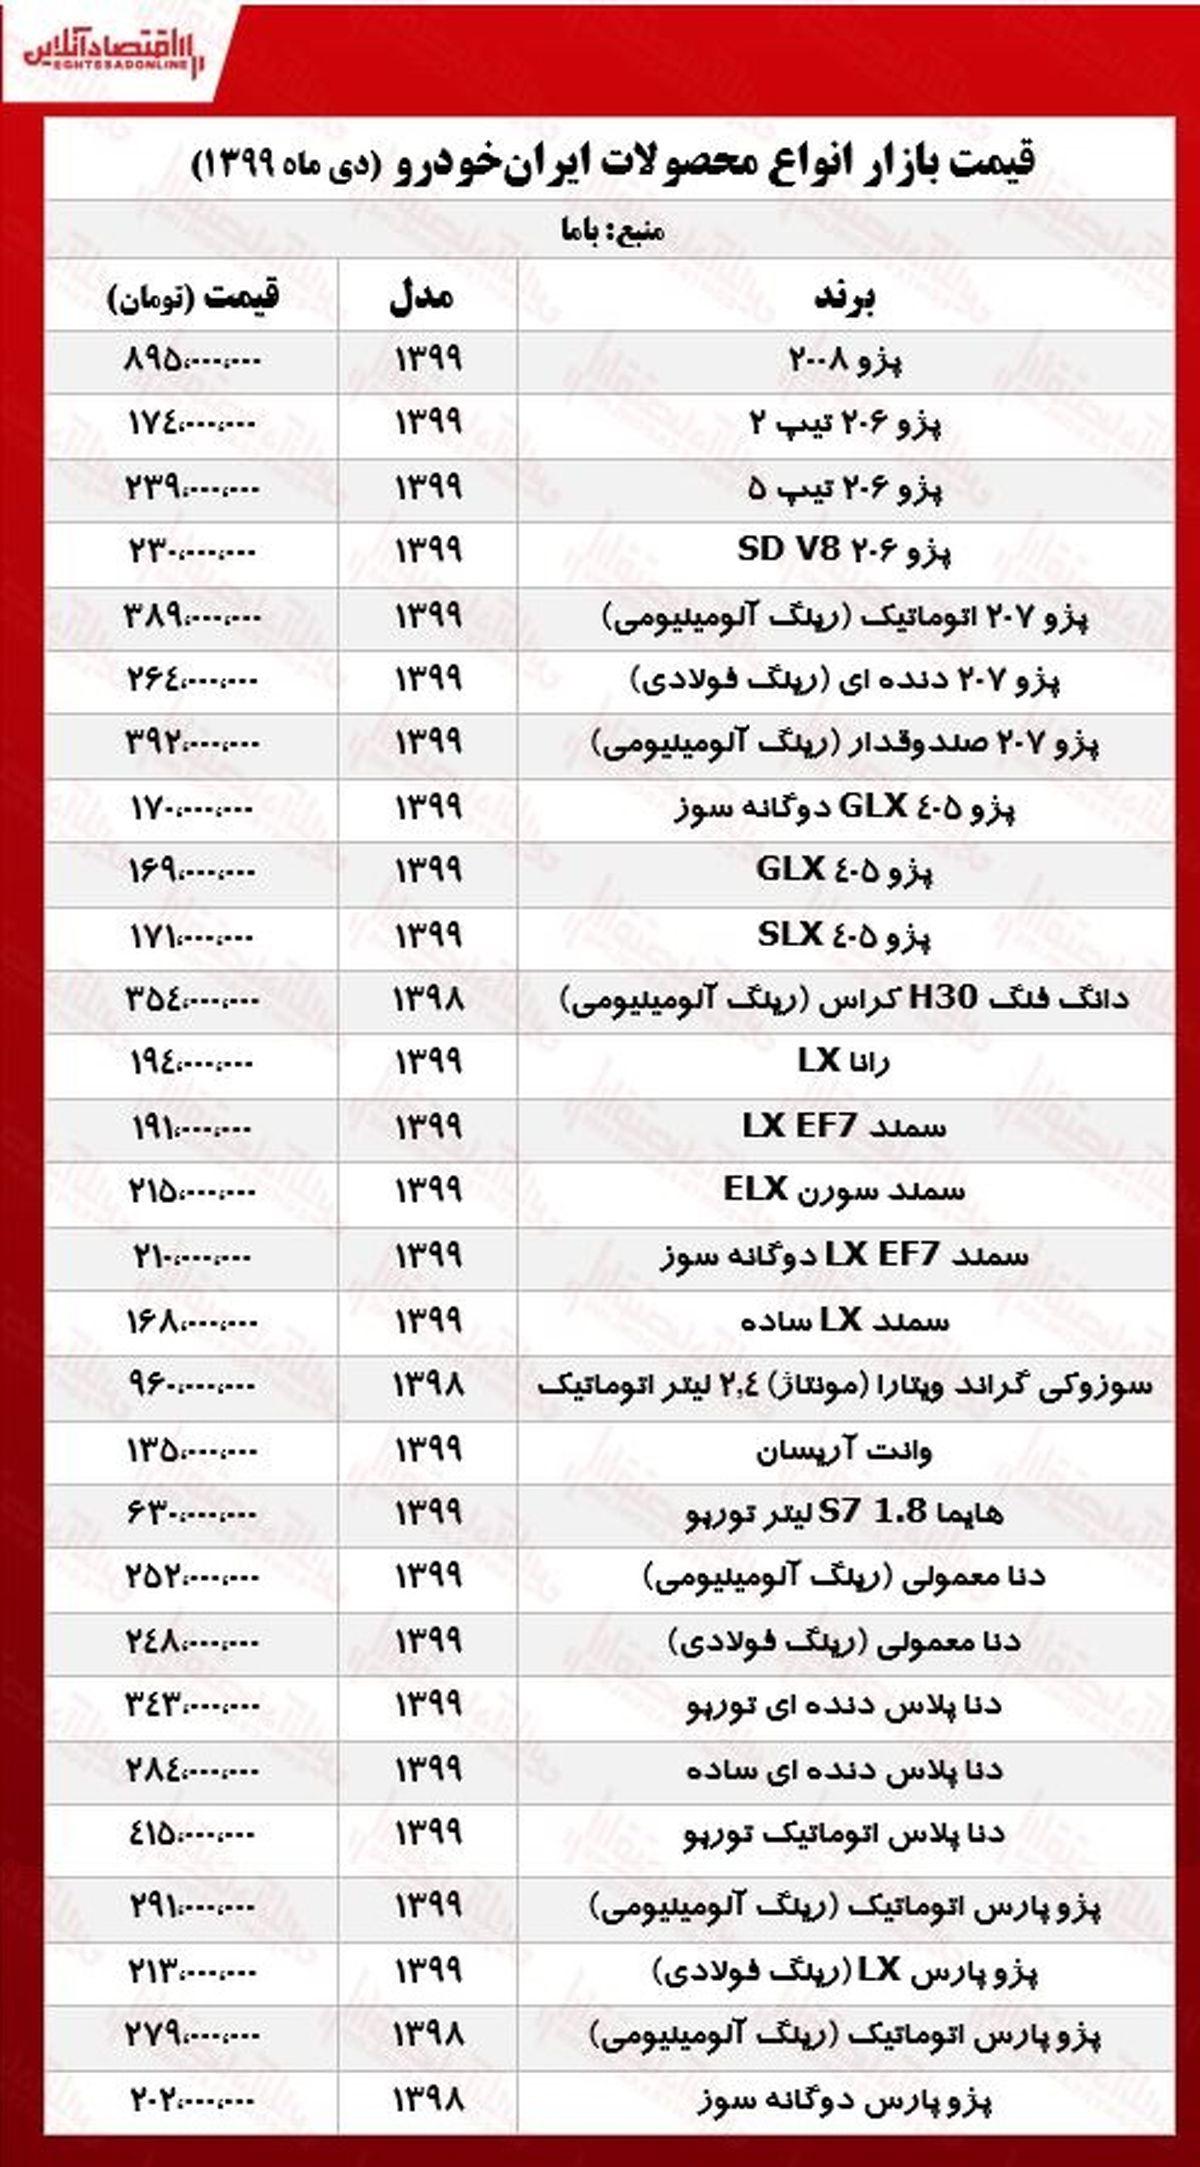 قیمت محصولات ایران خودرو در تهران +جدول